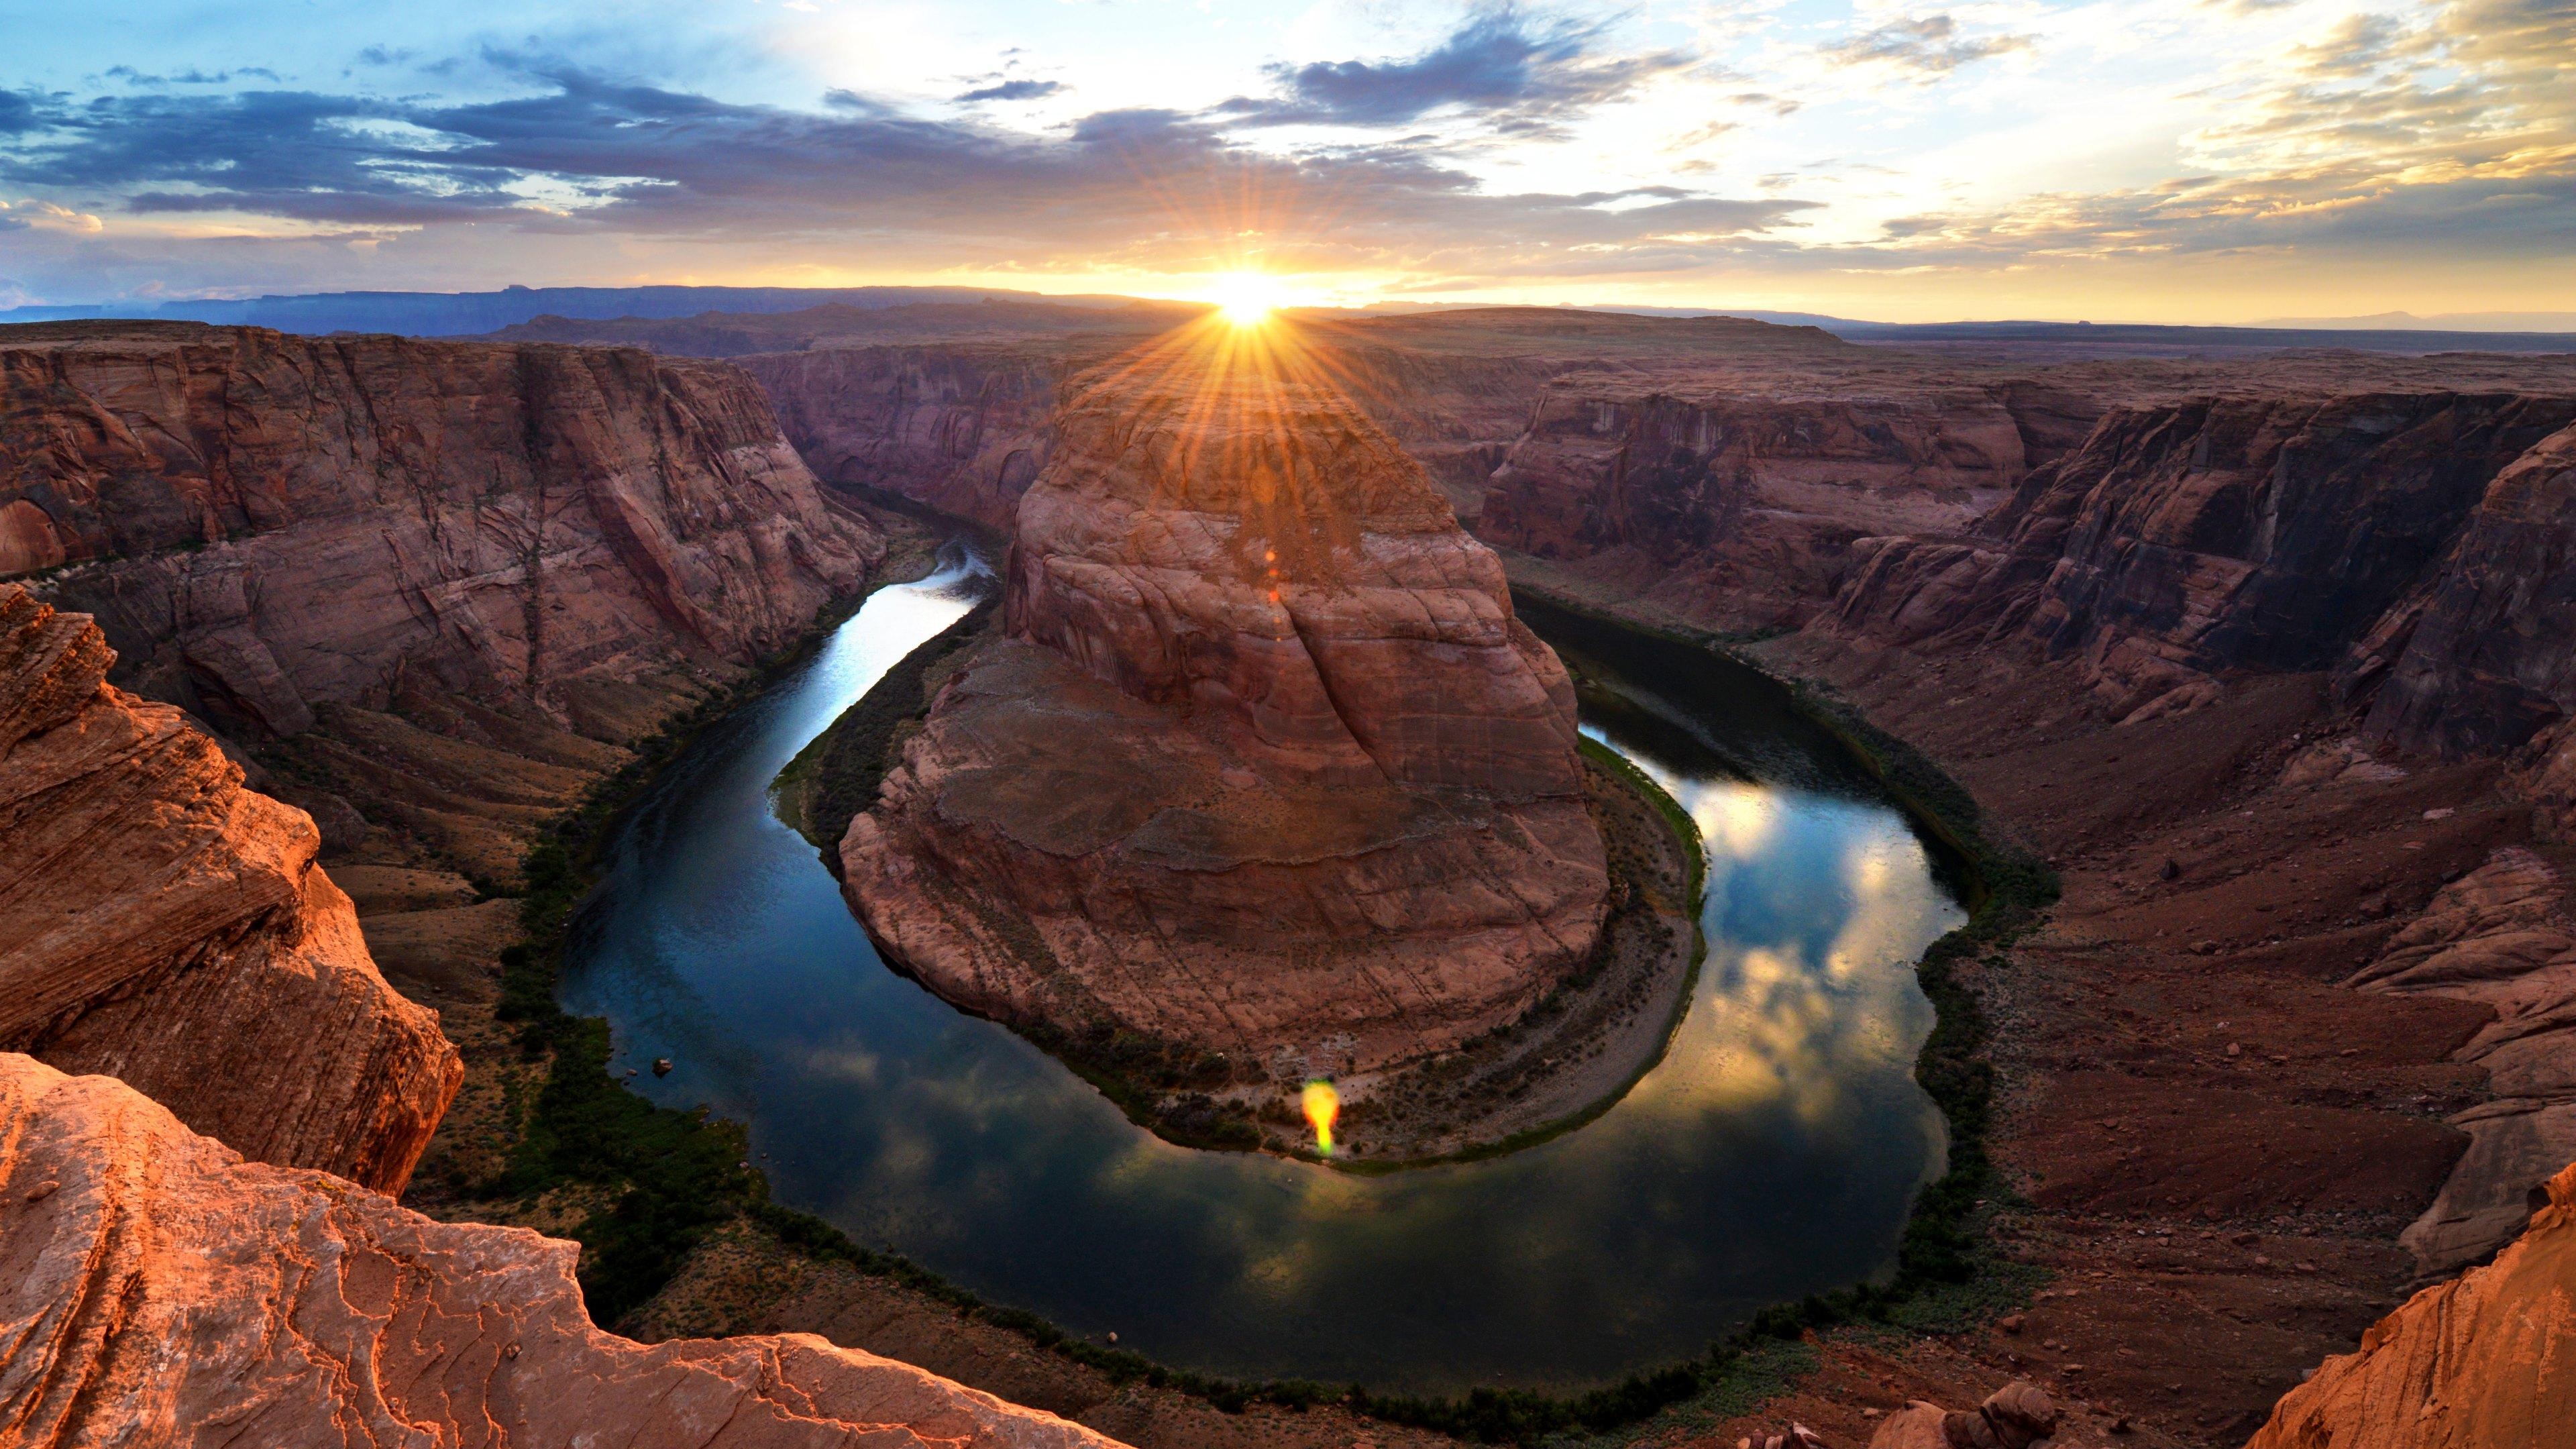 River Of Life, Colorado River, Page, Arizona  № 1781657 загрузить